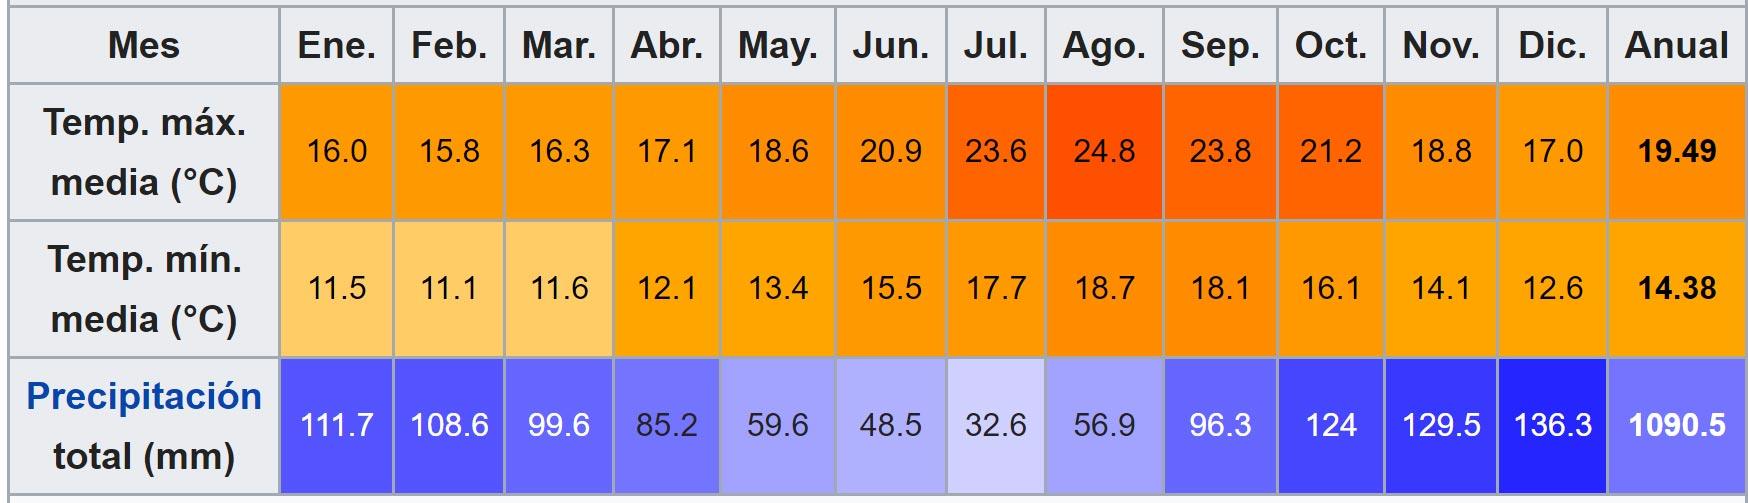 Temperaturas medias de las islas Azores